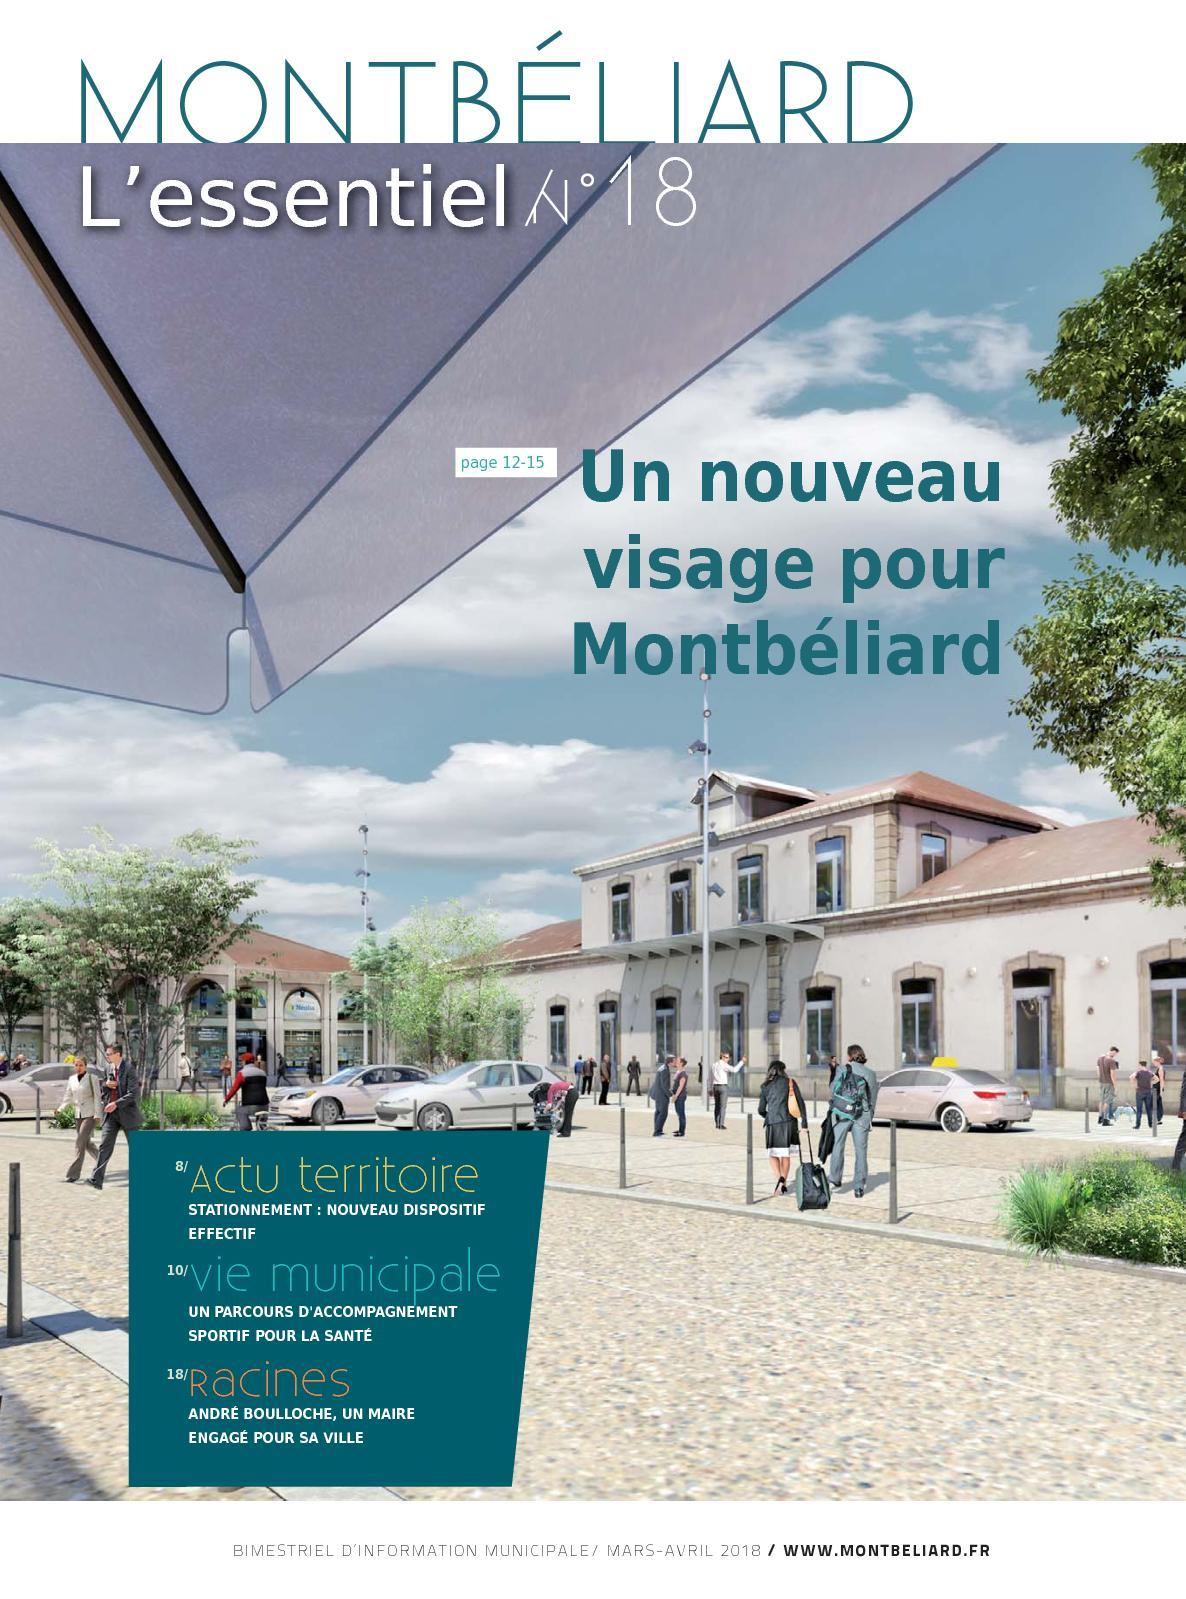 Cours De Dessin Montbéliard calaméo - montbéliard l'essentiel n°18 - mars avril 2018